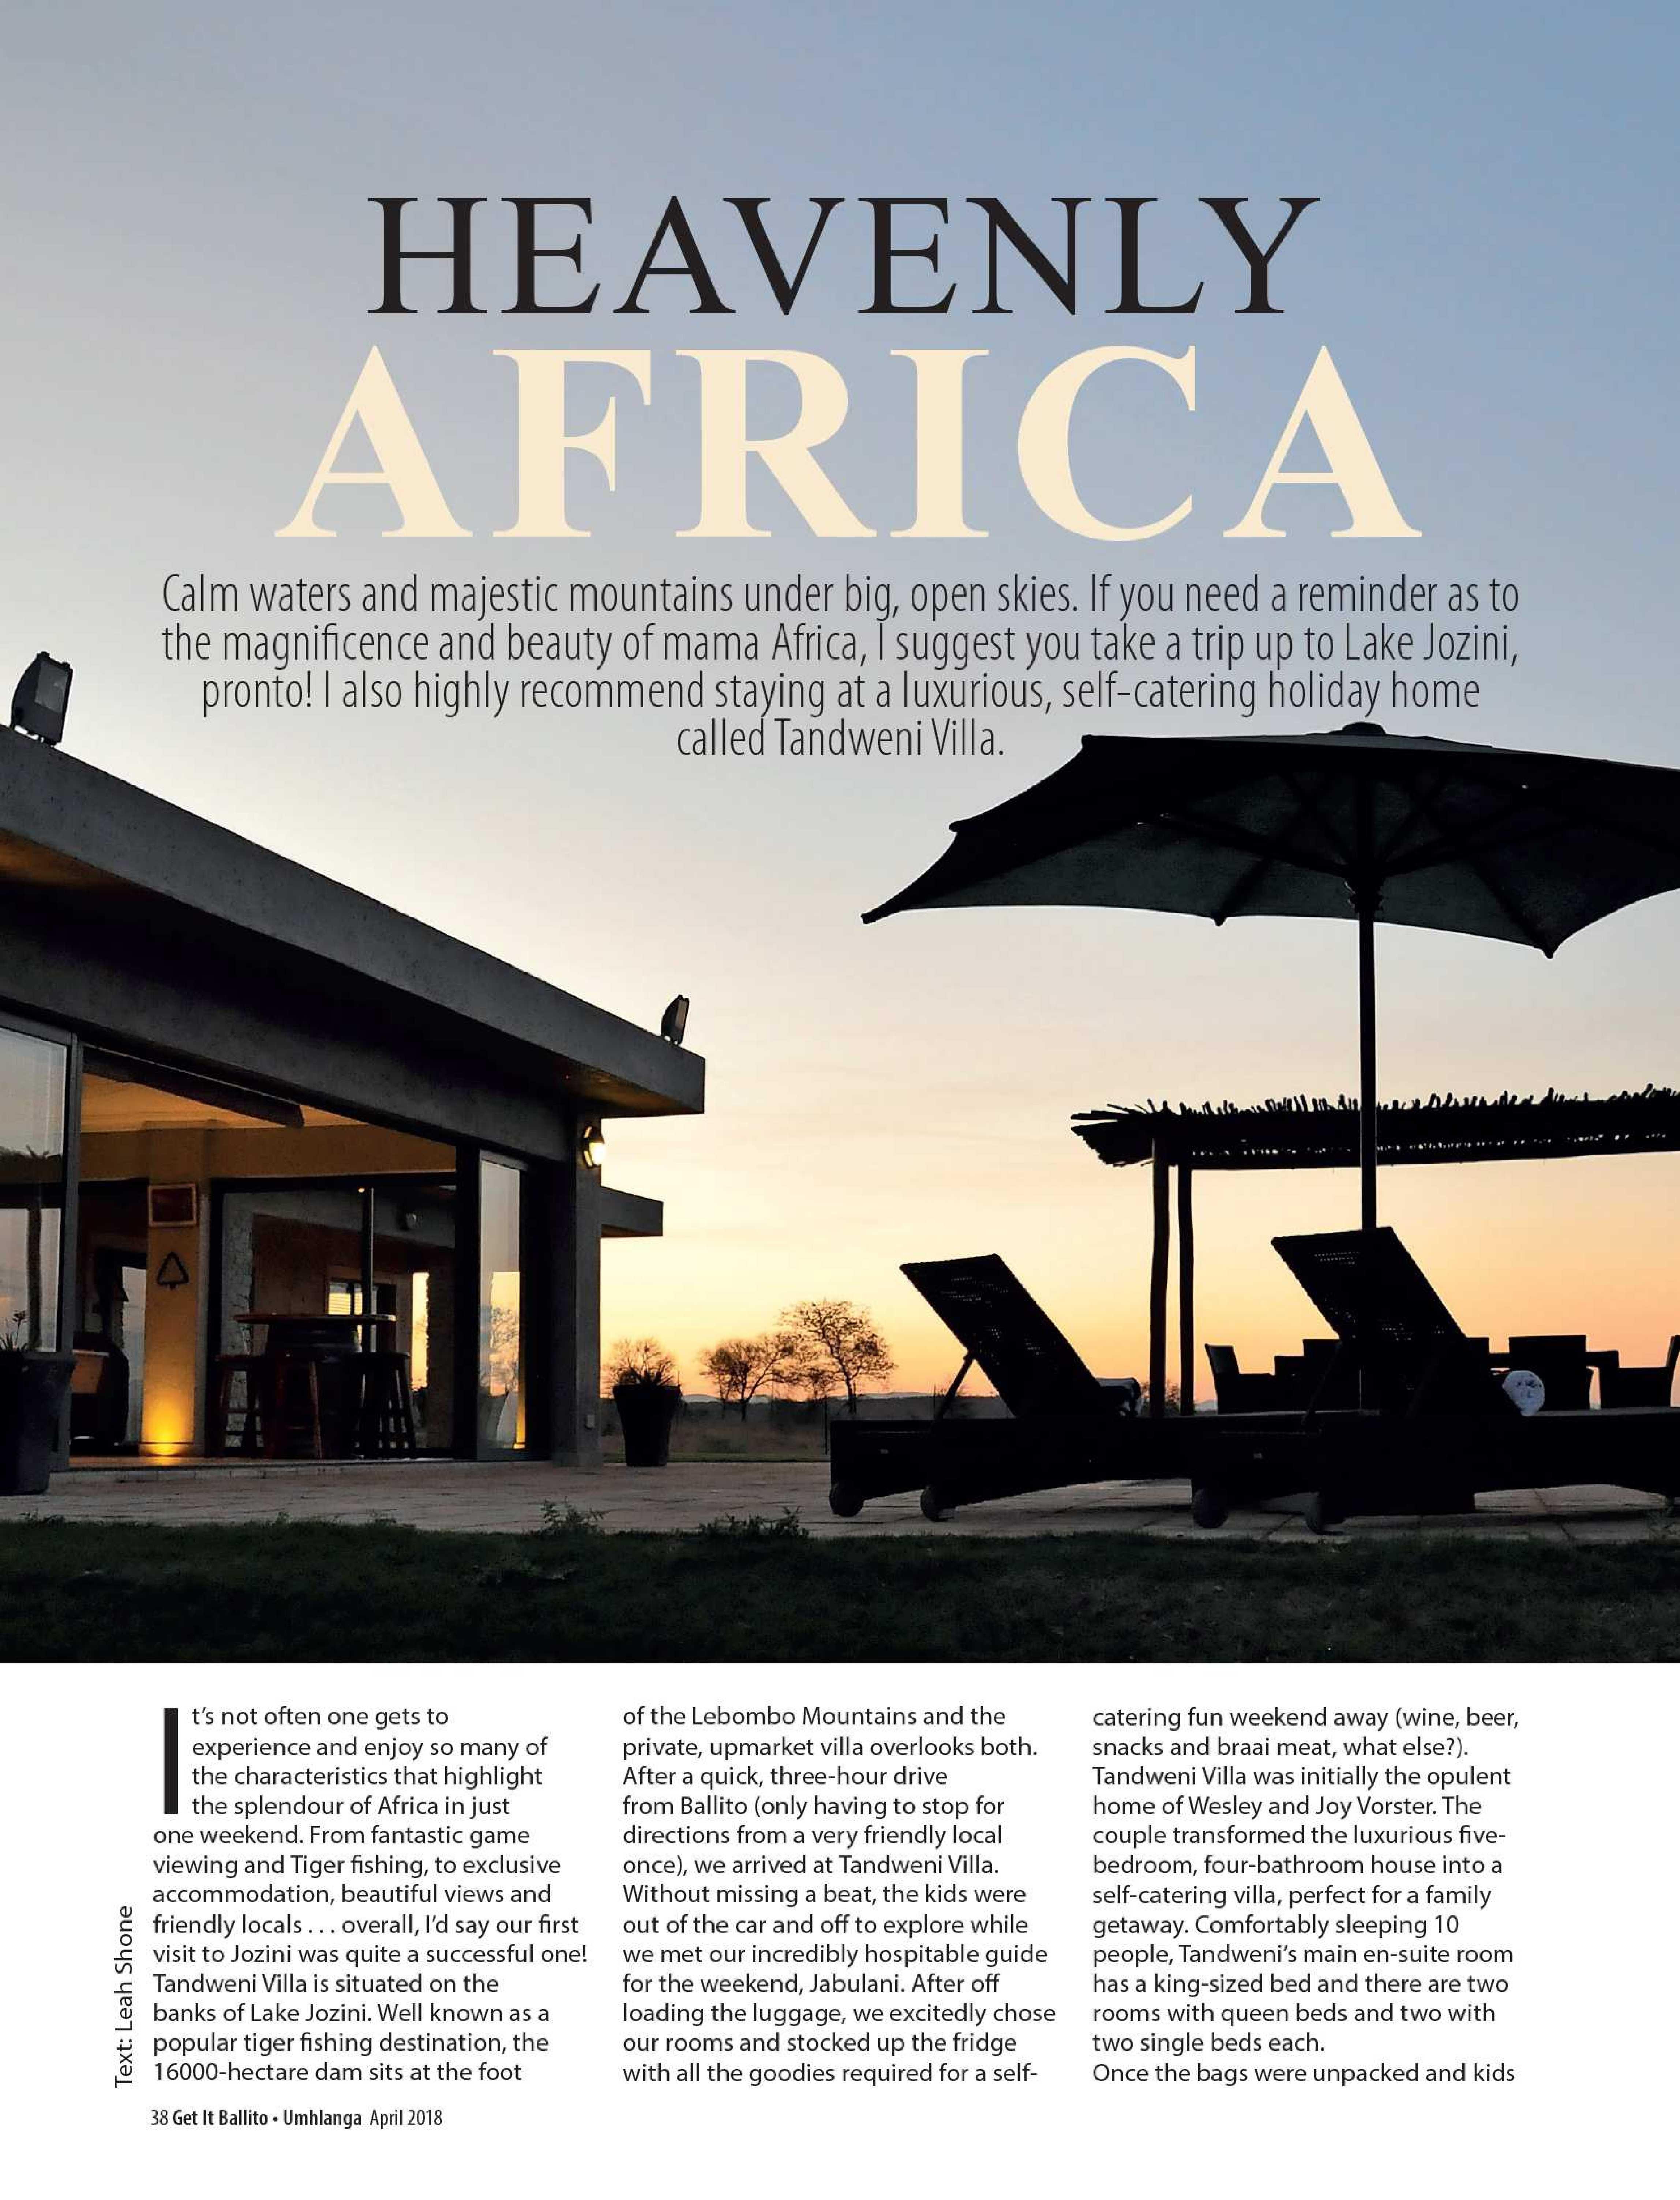 get-magazine-ballitoumhlanga-april-2018-epapers-page-40